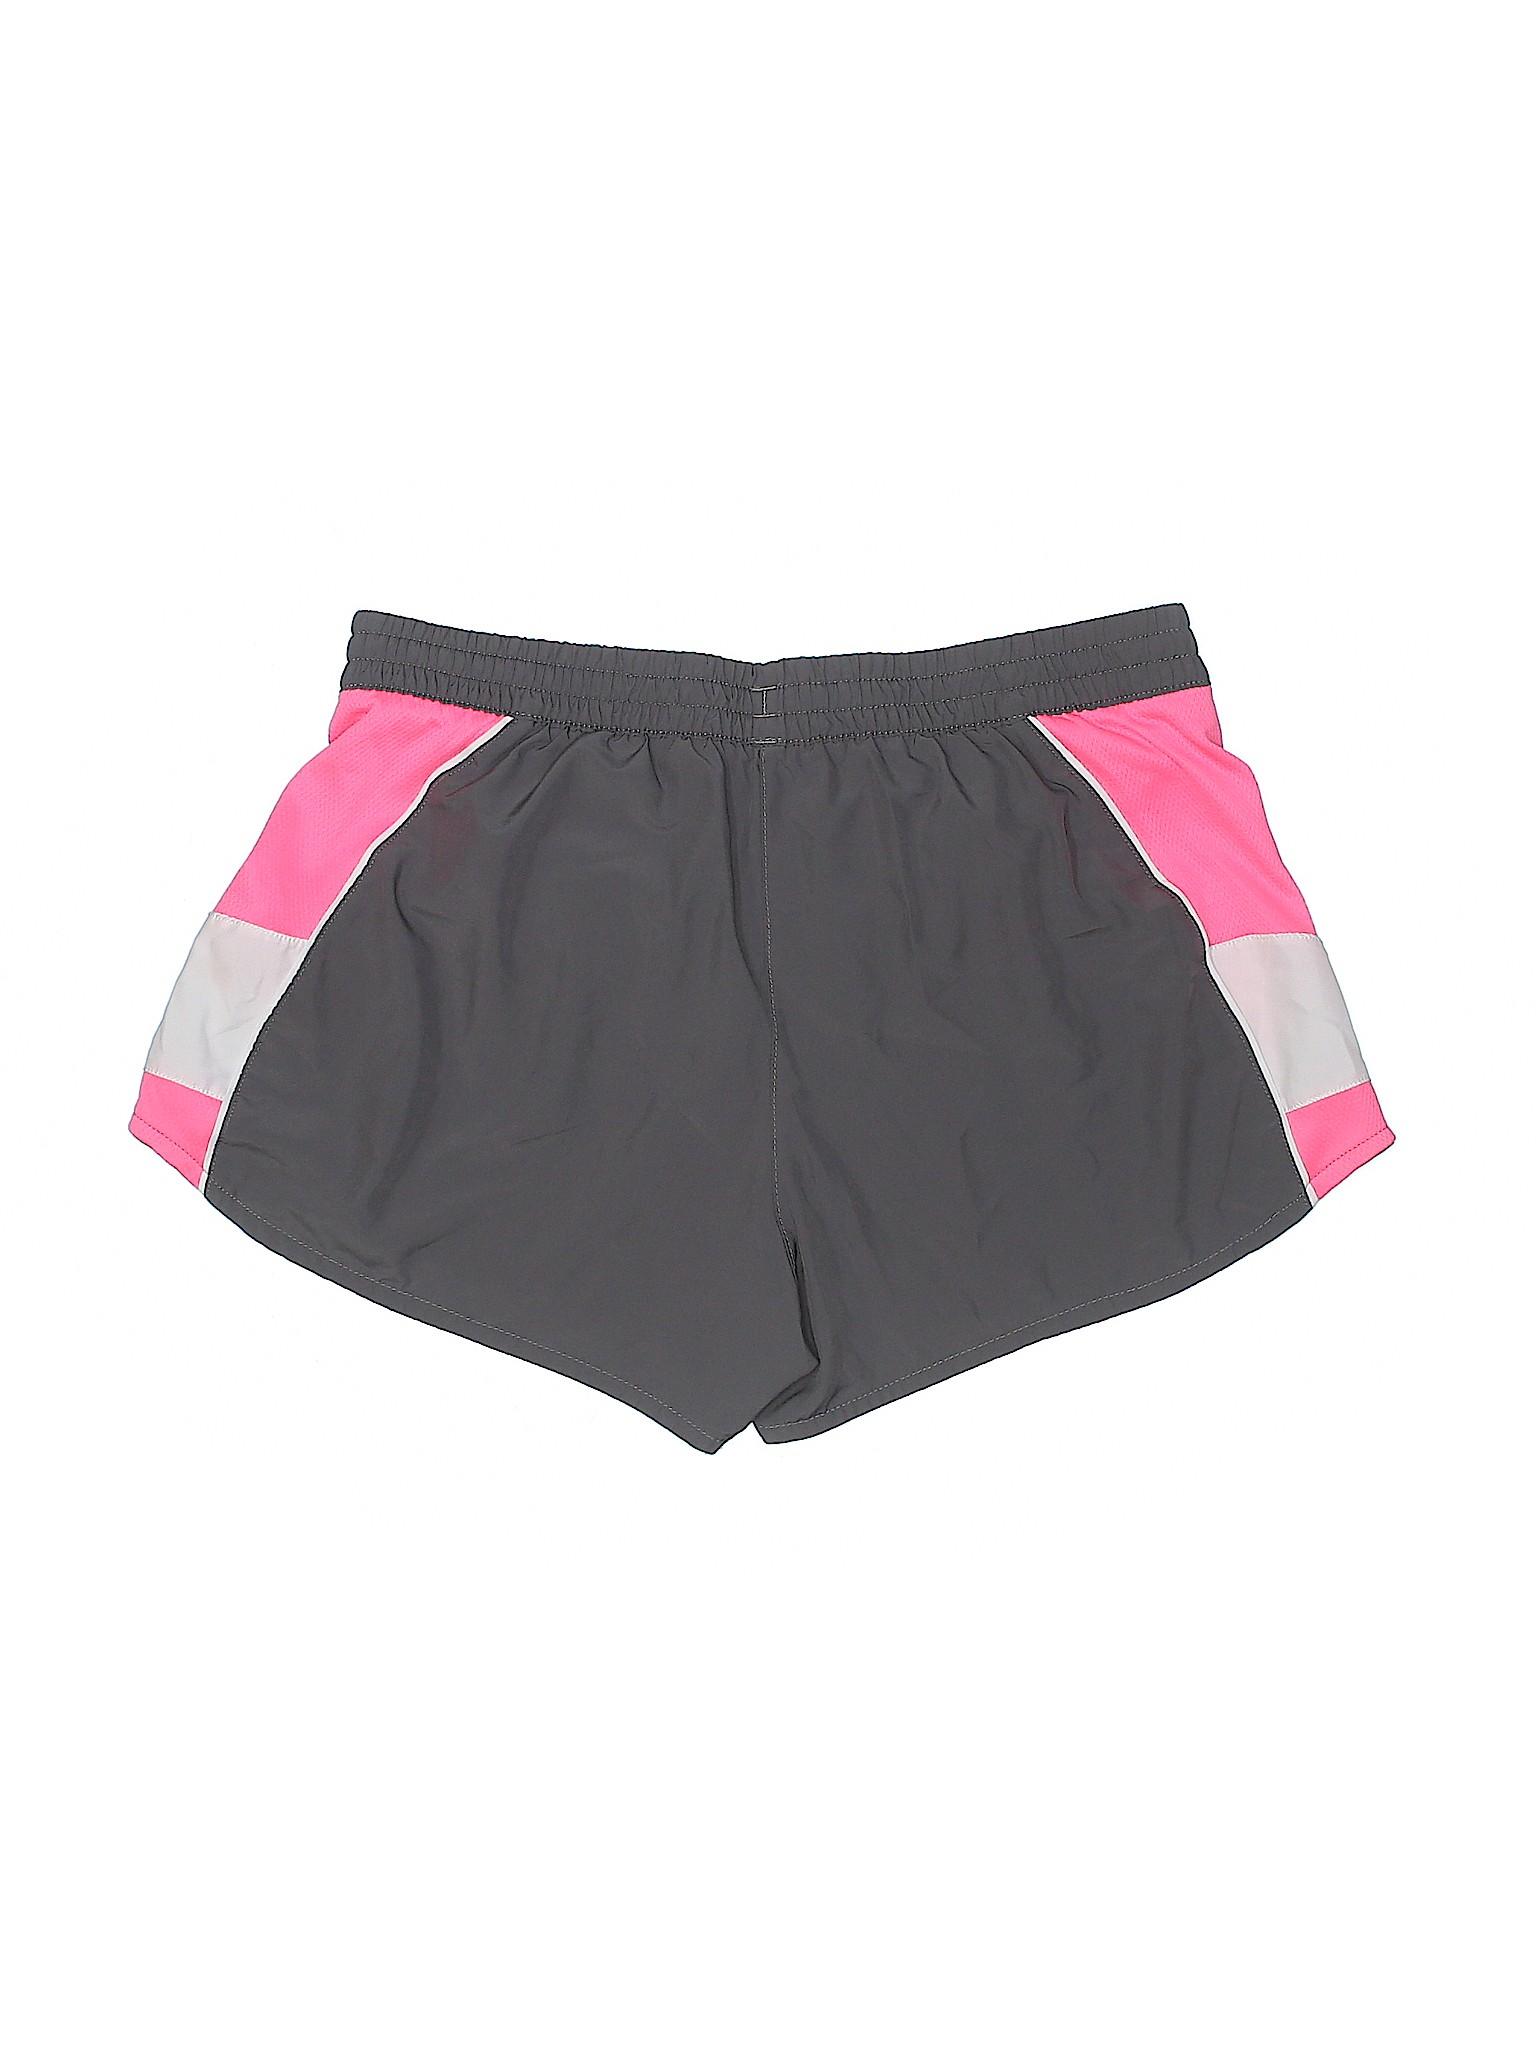 Boutique Adidas Boutique Athletic Adidas Shorts Boutique Athletic Shorts Athletic Adidas wSrvnPSdq